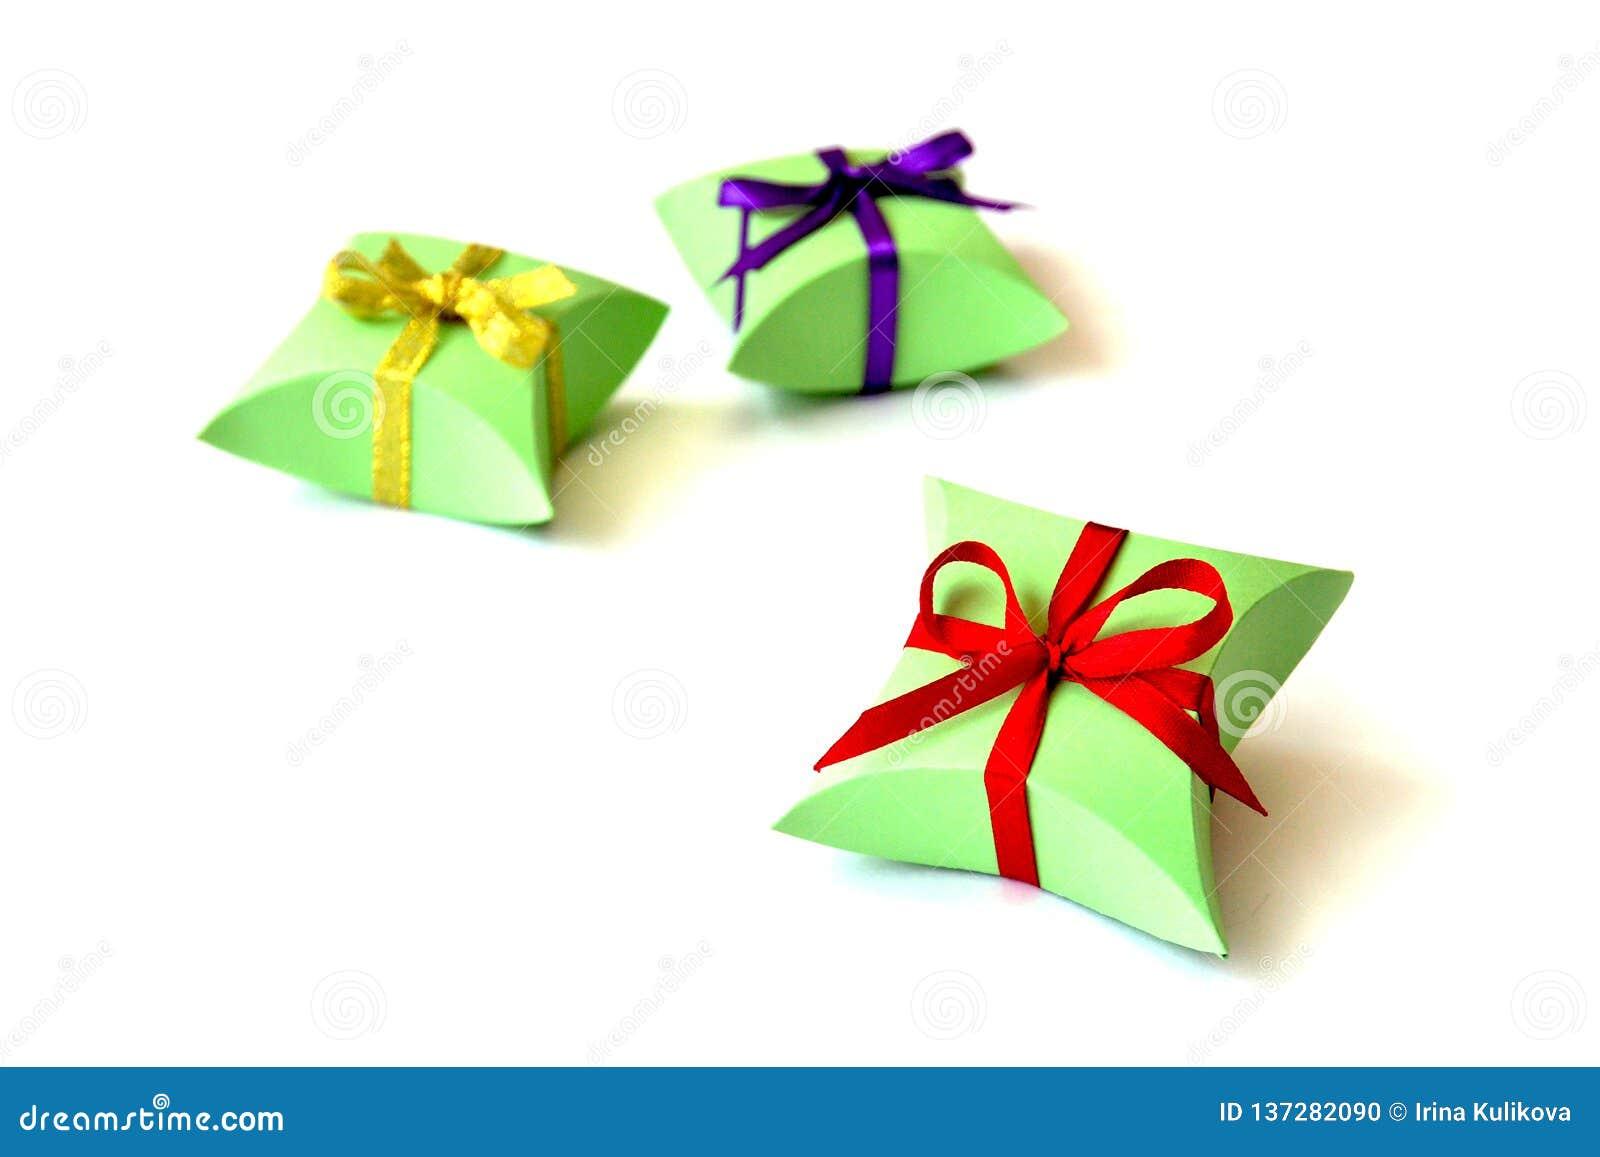 Isolerade tre askar för Apple-gräsplan pappersgåva för smycken med röda, violetta guld- satängbandpilbågar på vit bakgrund